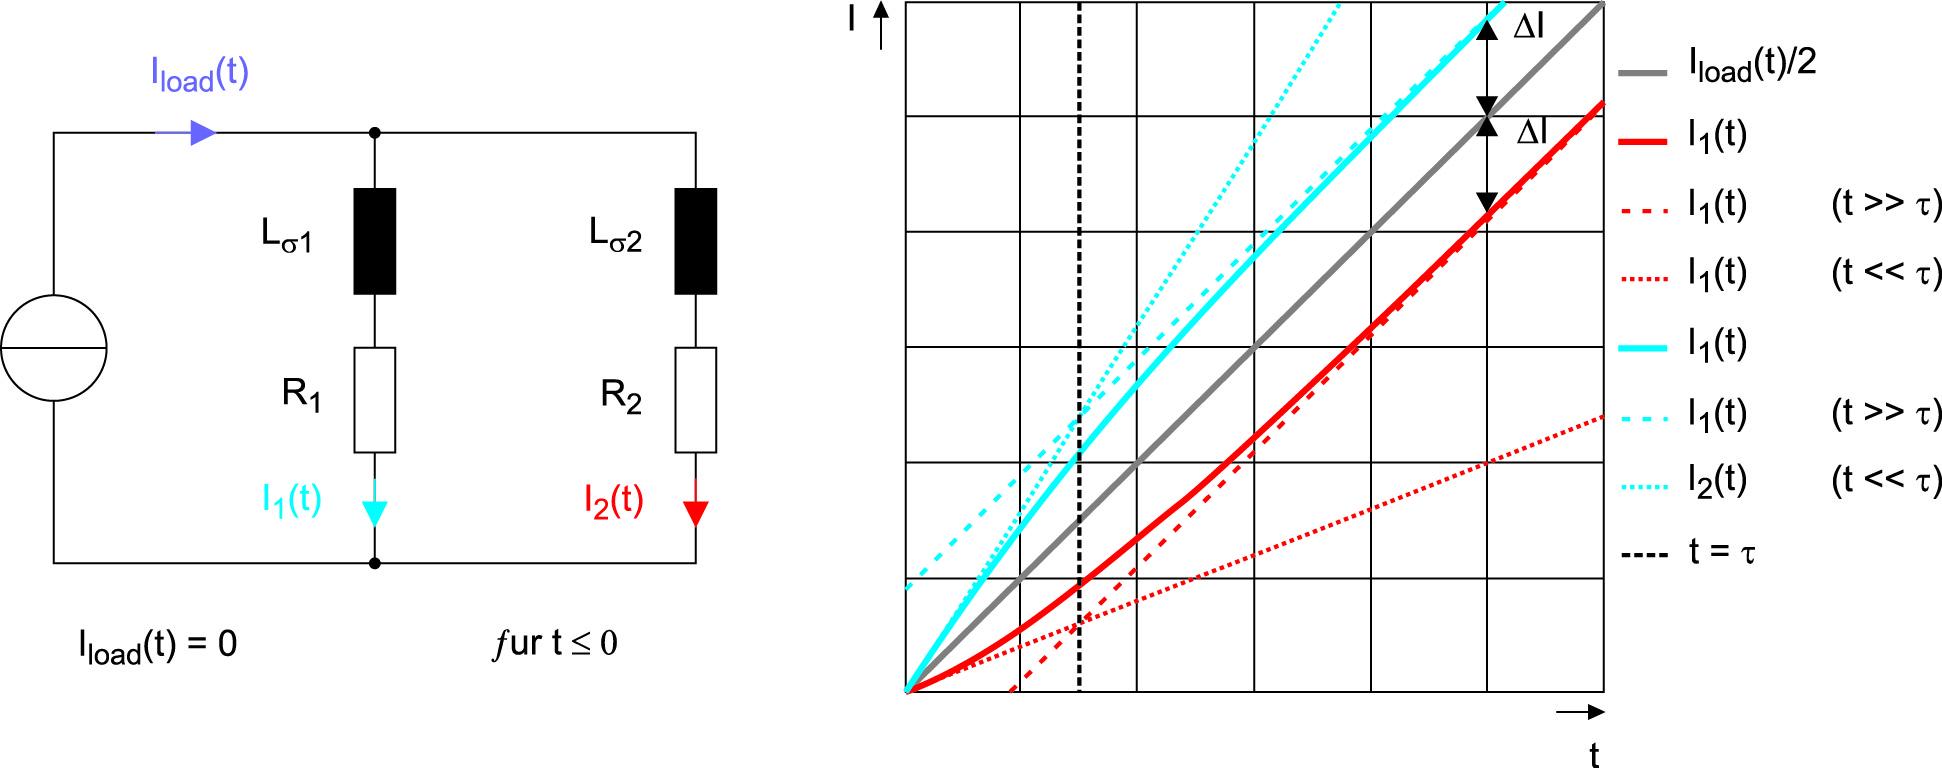 Эквивалентная схема двух параллельных токовых цепей